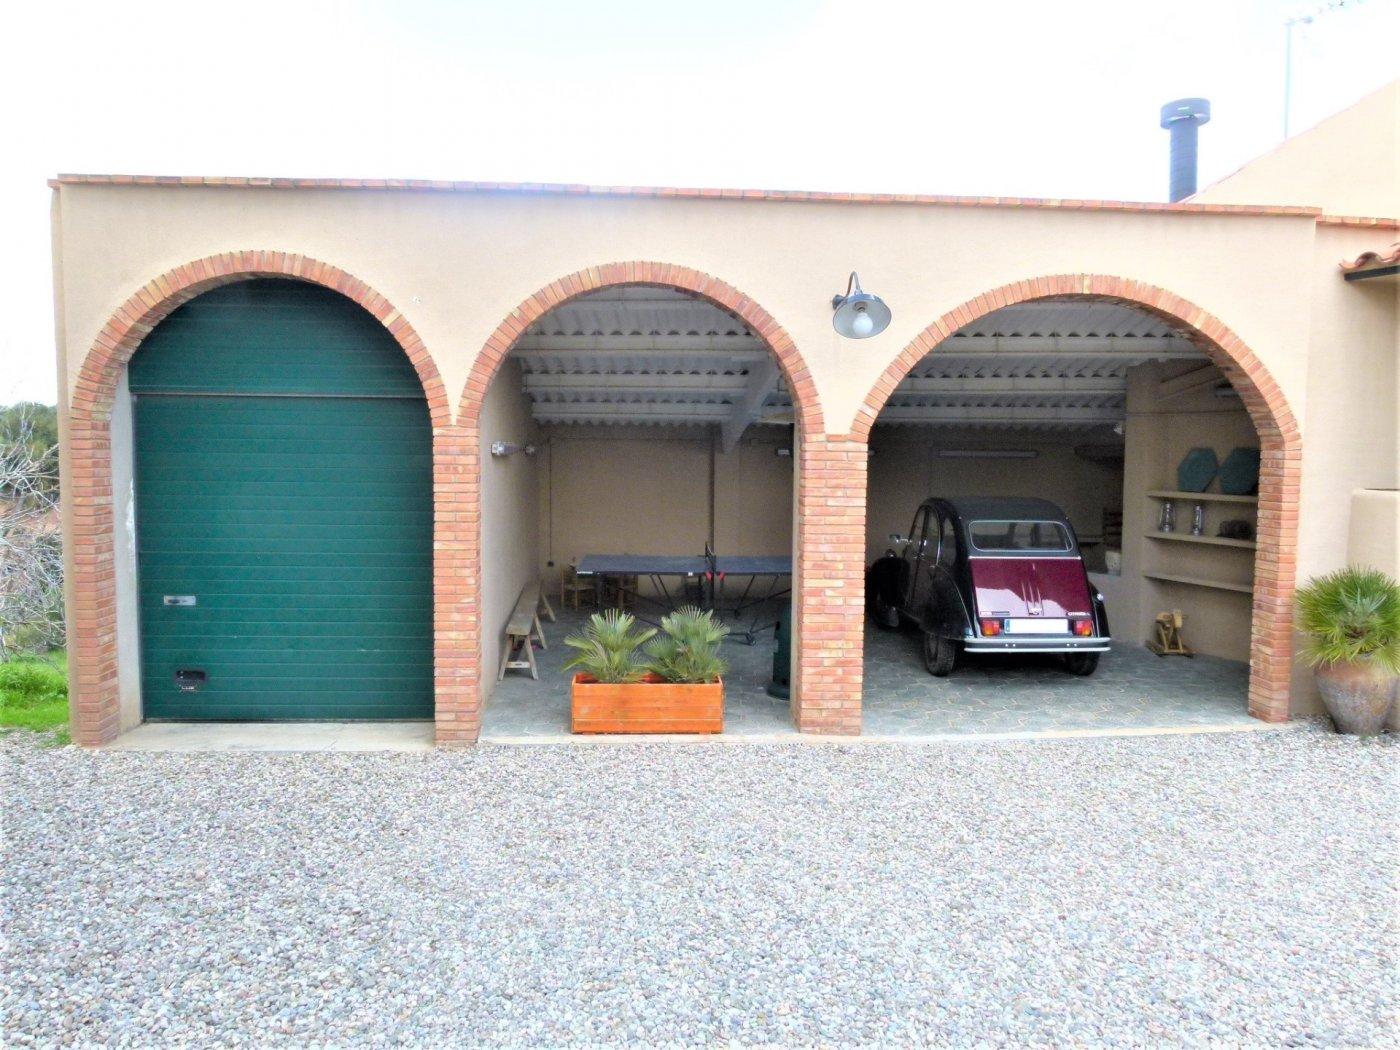 Casa en venta en montblanc - imagenInmueble7